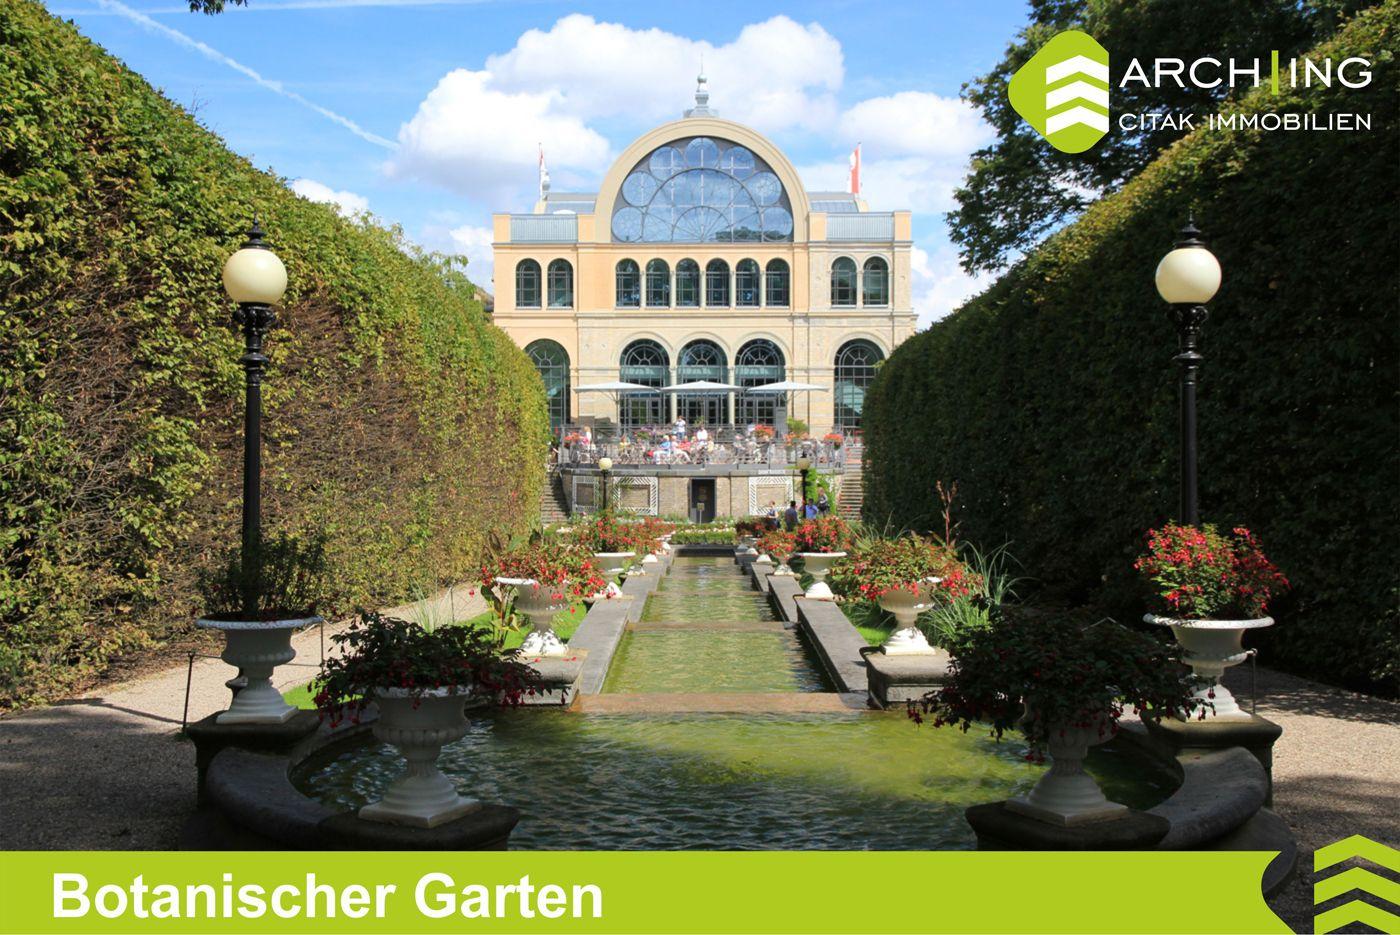 Amazing K ln Riehl Botanischer Garten